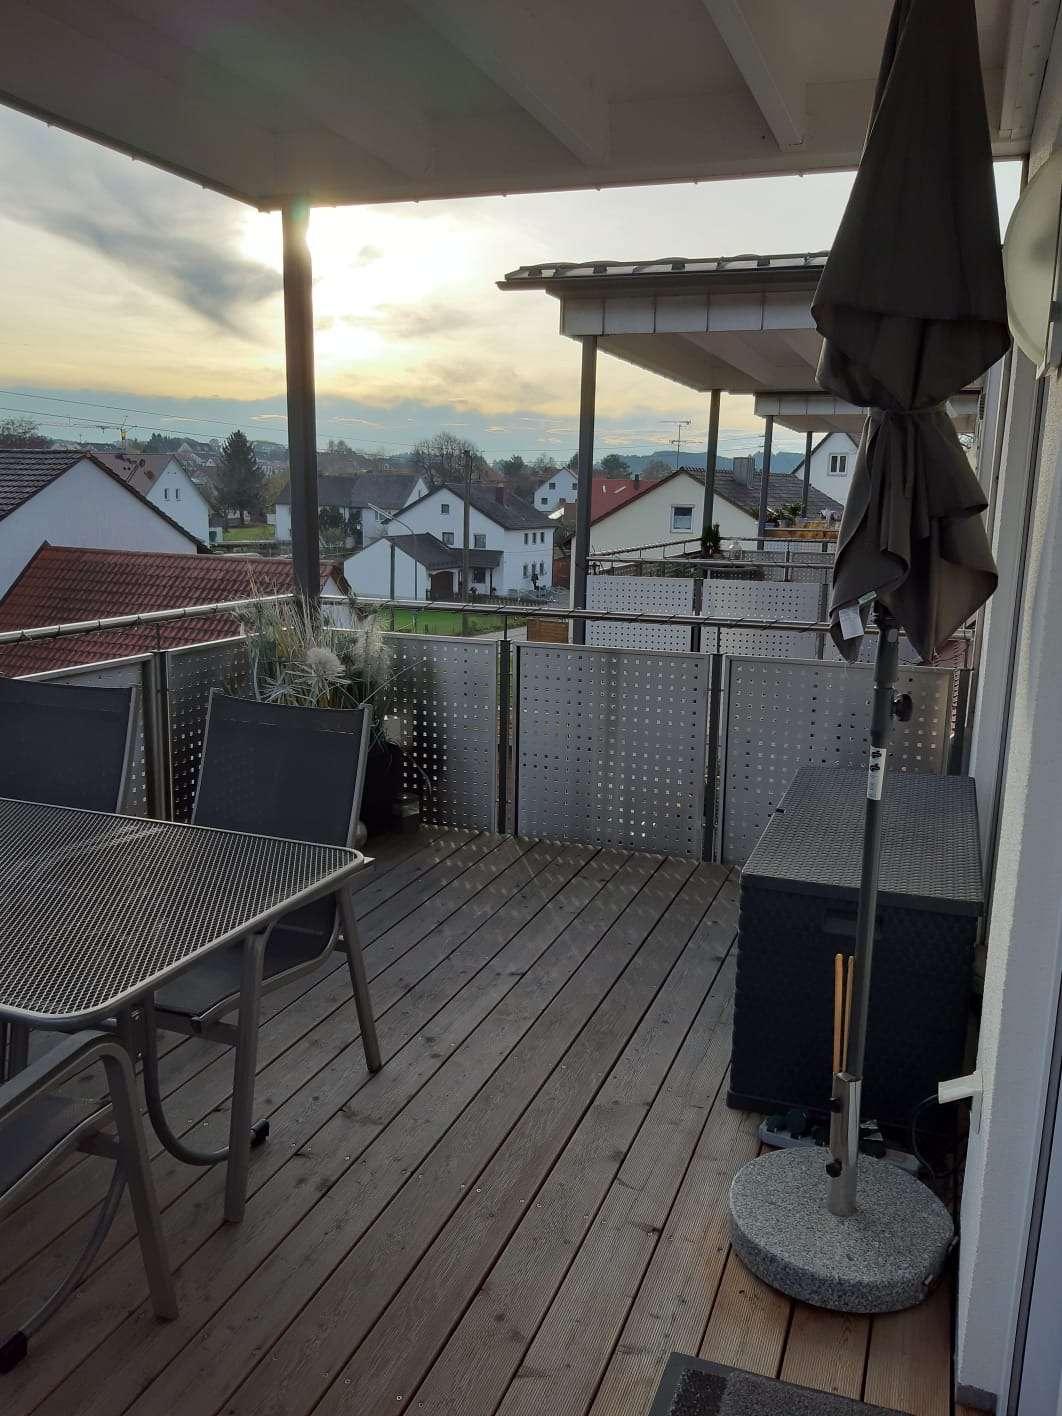 Stilvolle, luxuriöse und moderne 3.5-Zimmer-Maisonette-Wohnung mit Balkon und EBK in Altomünster in Altomünster